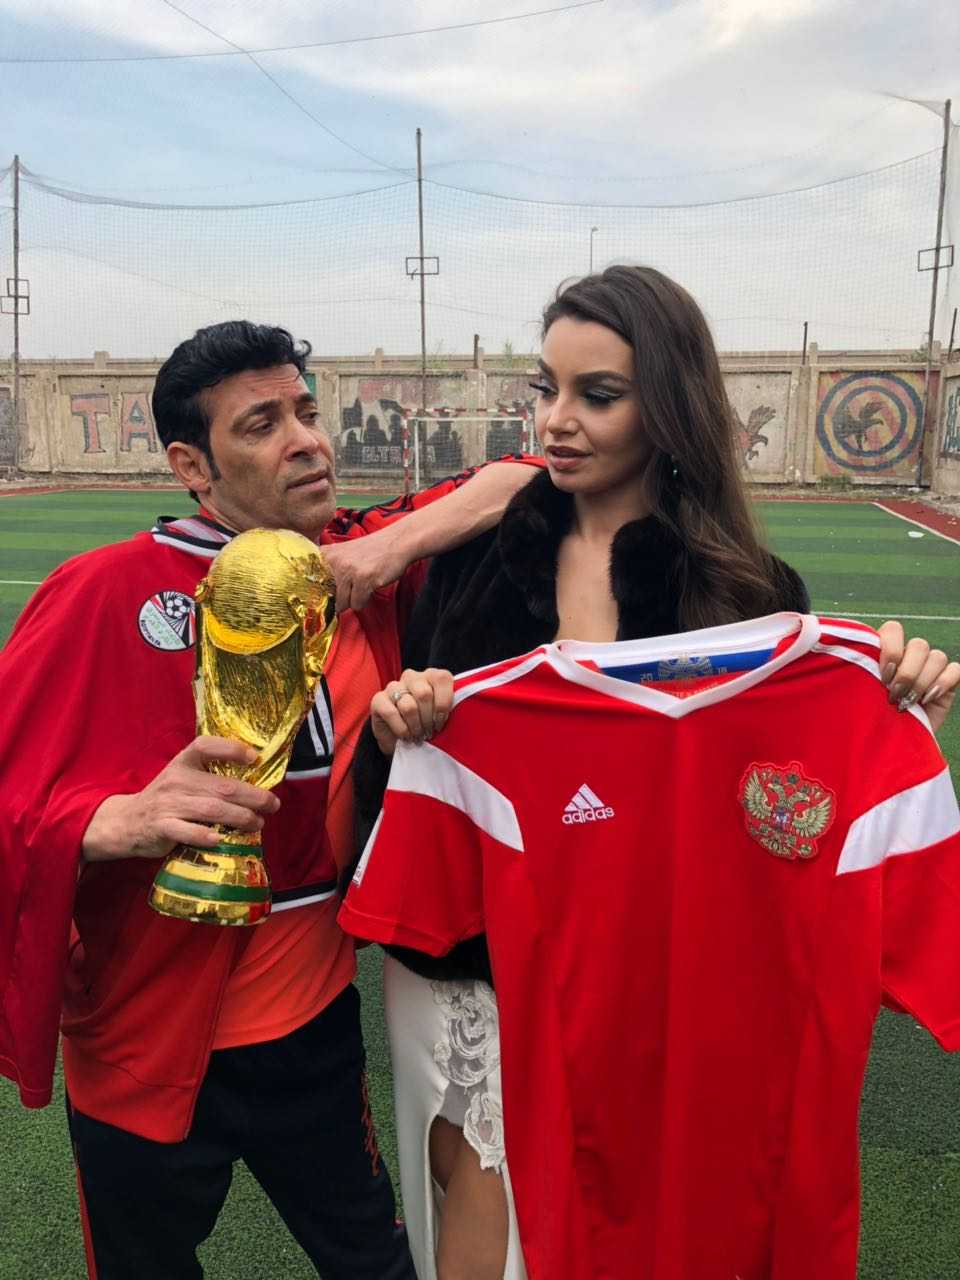 سعد الصغير يحتفل مع الراقصة جواهر بعدم ترحيلها من مصر